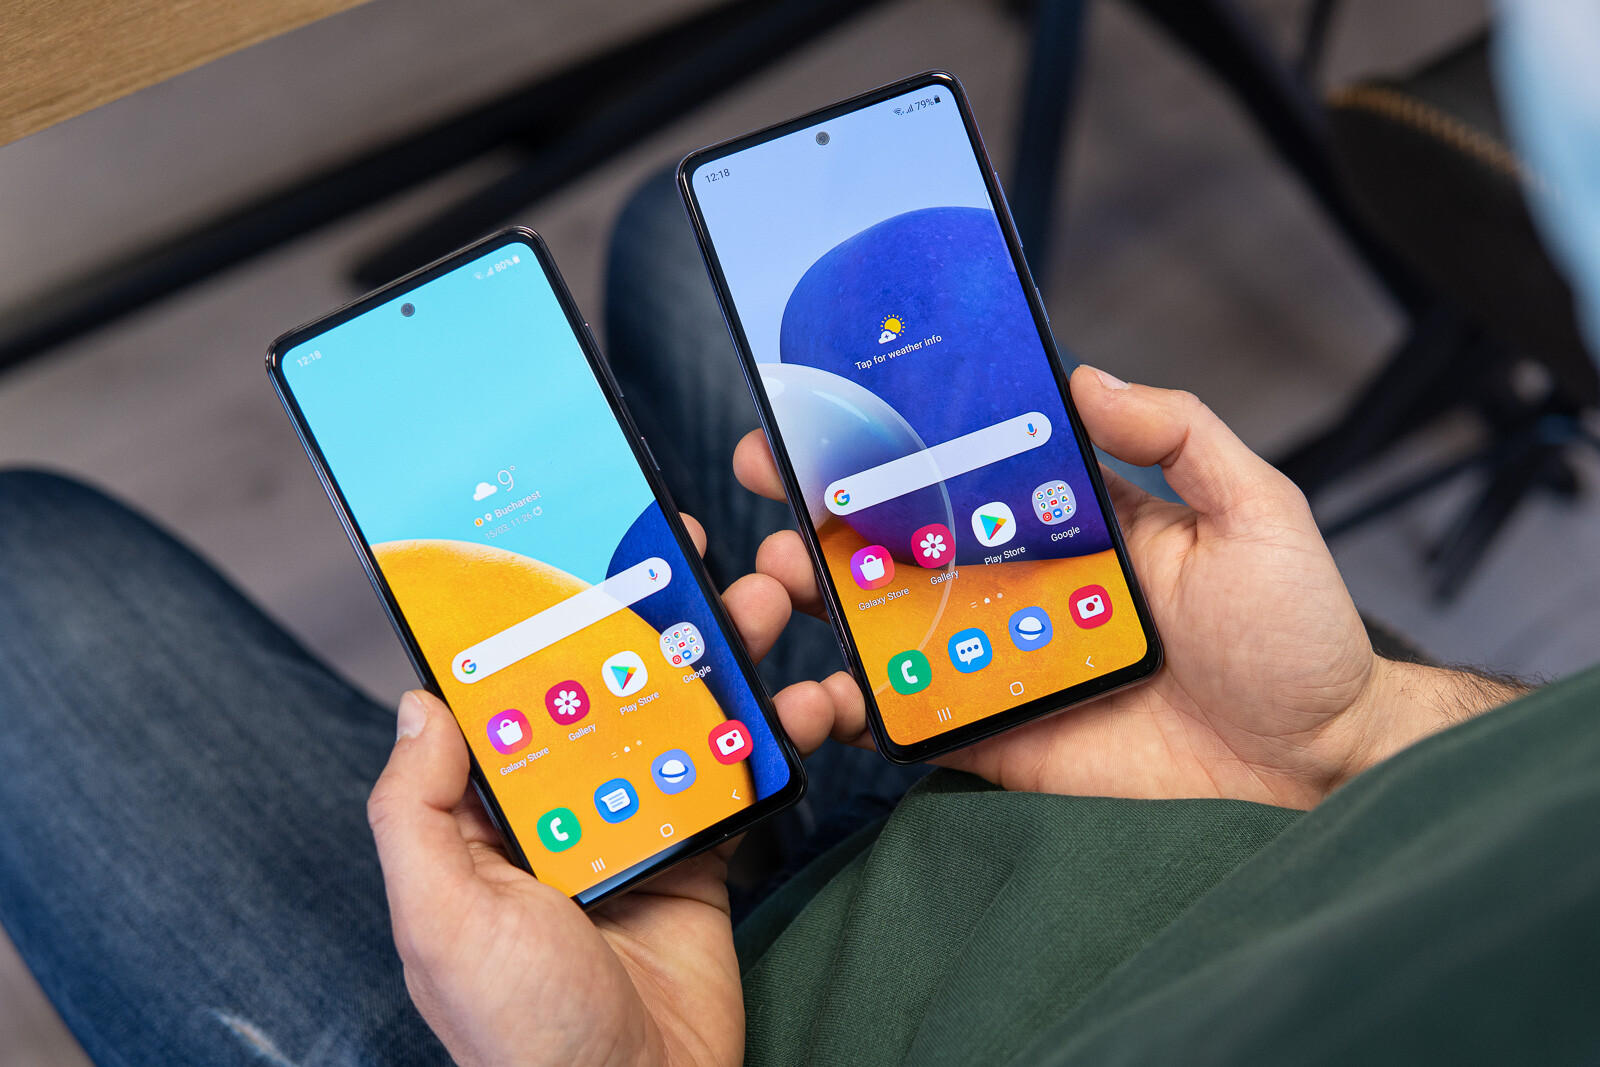 المقارنة بين هاتف Samsung Galaxy A72 وبين هاتف Samsung Galaxy S20